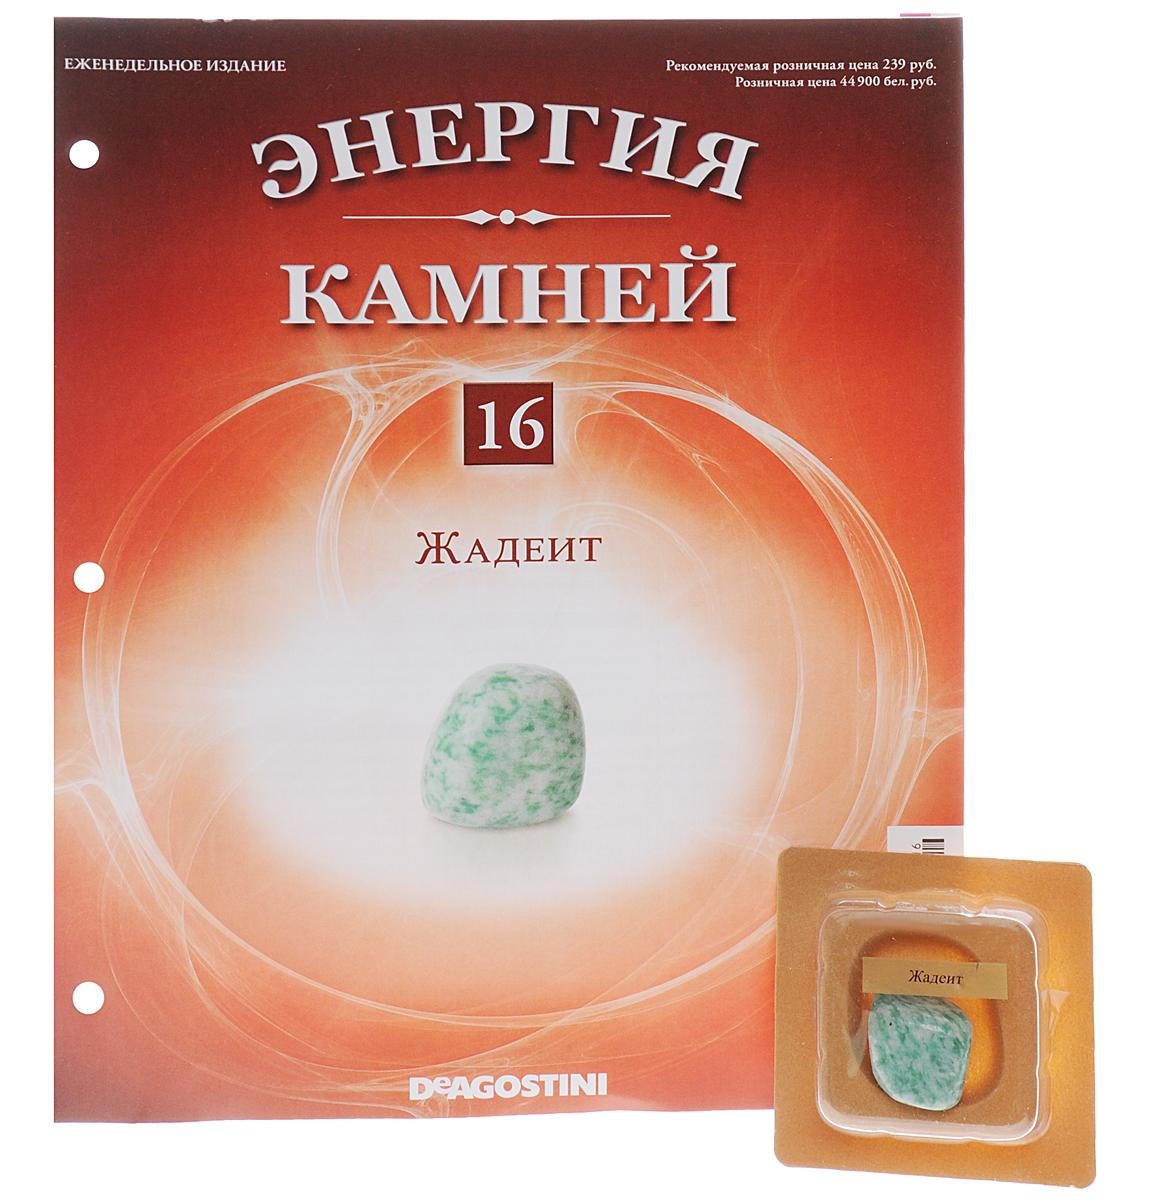 """Журнал """"Энергия камней"""" №16"""